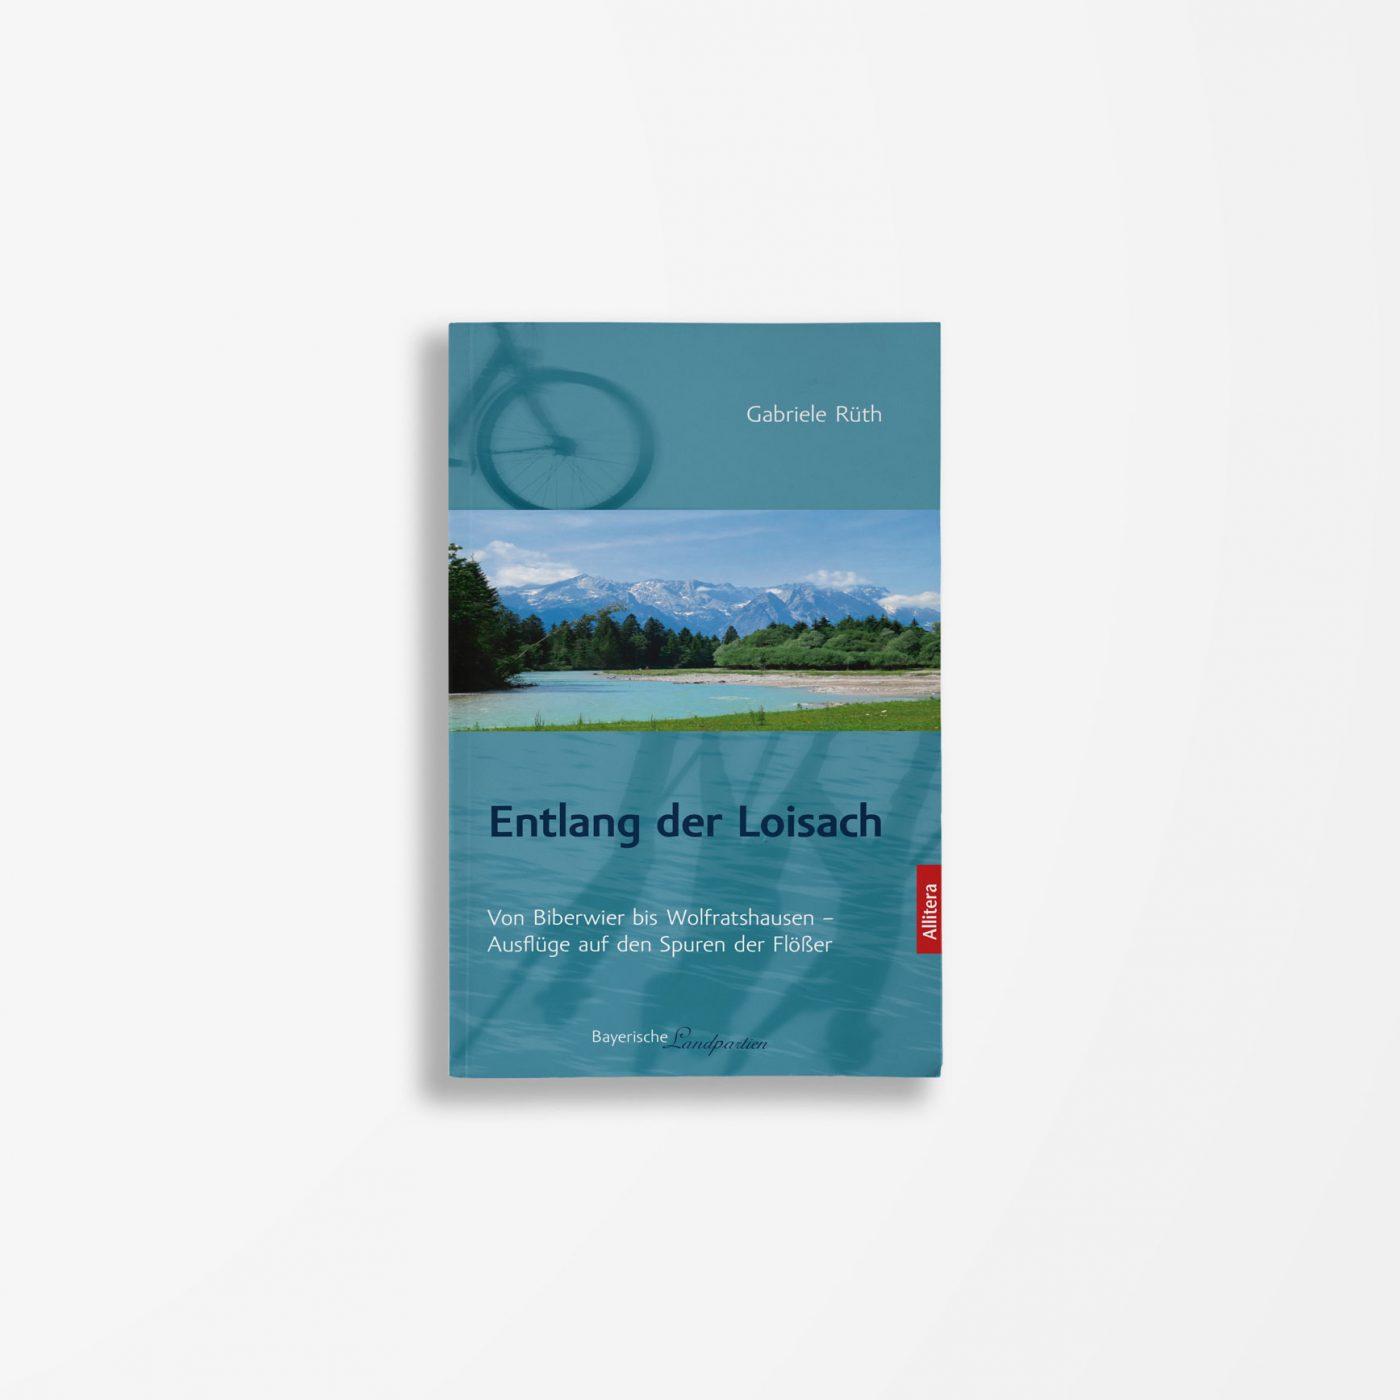 Buchcover Gabriele Rüth Entlang der Loisach